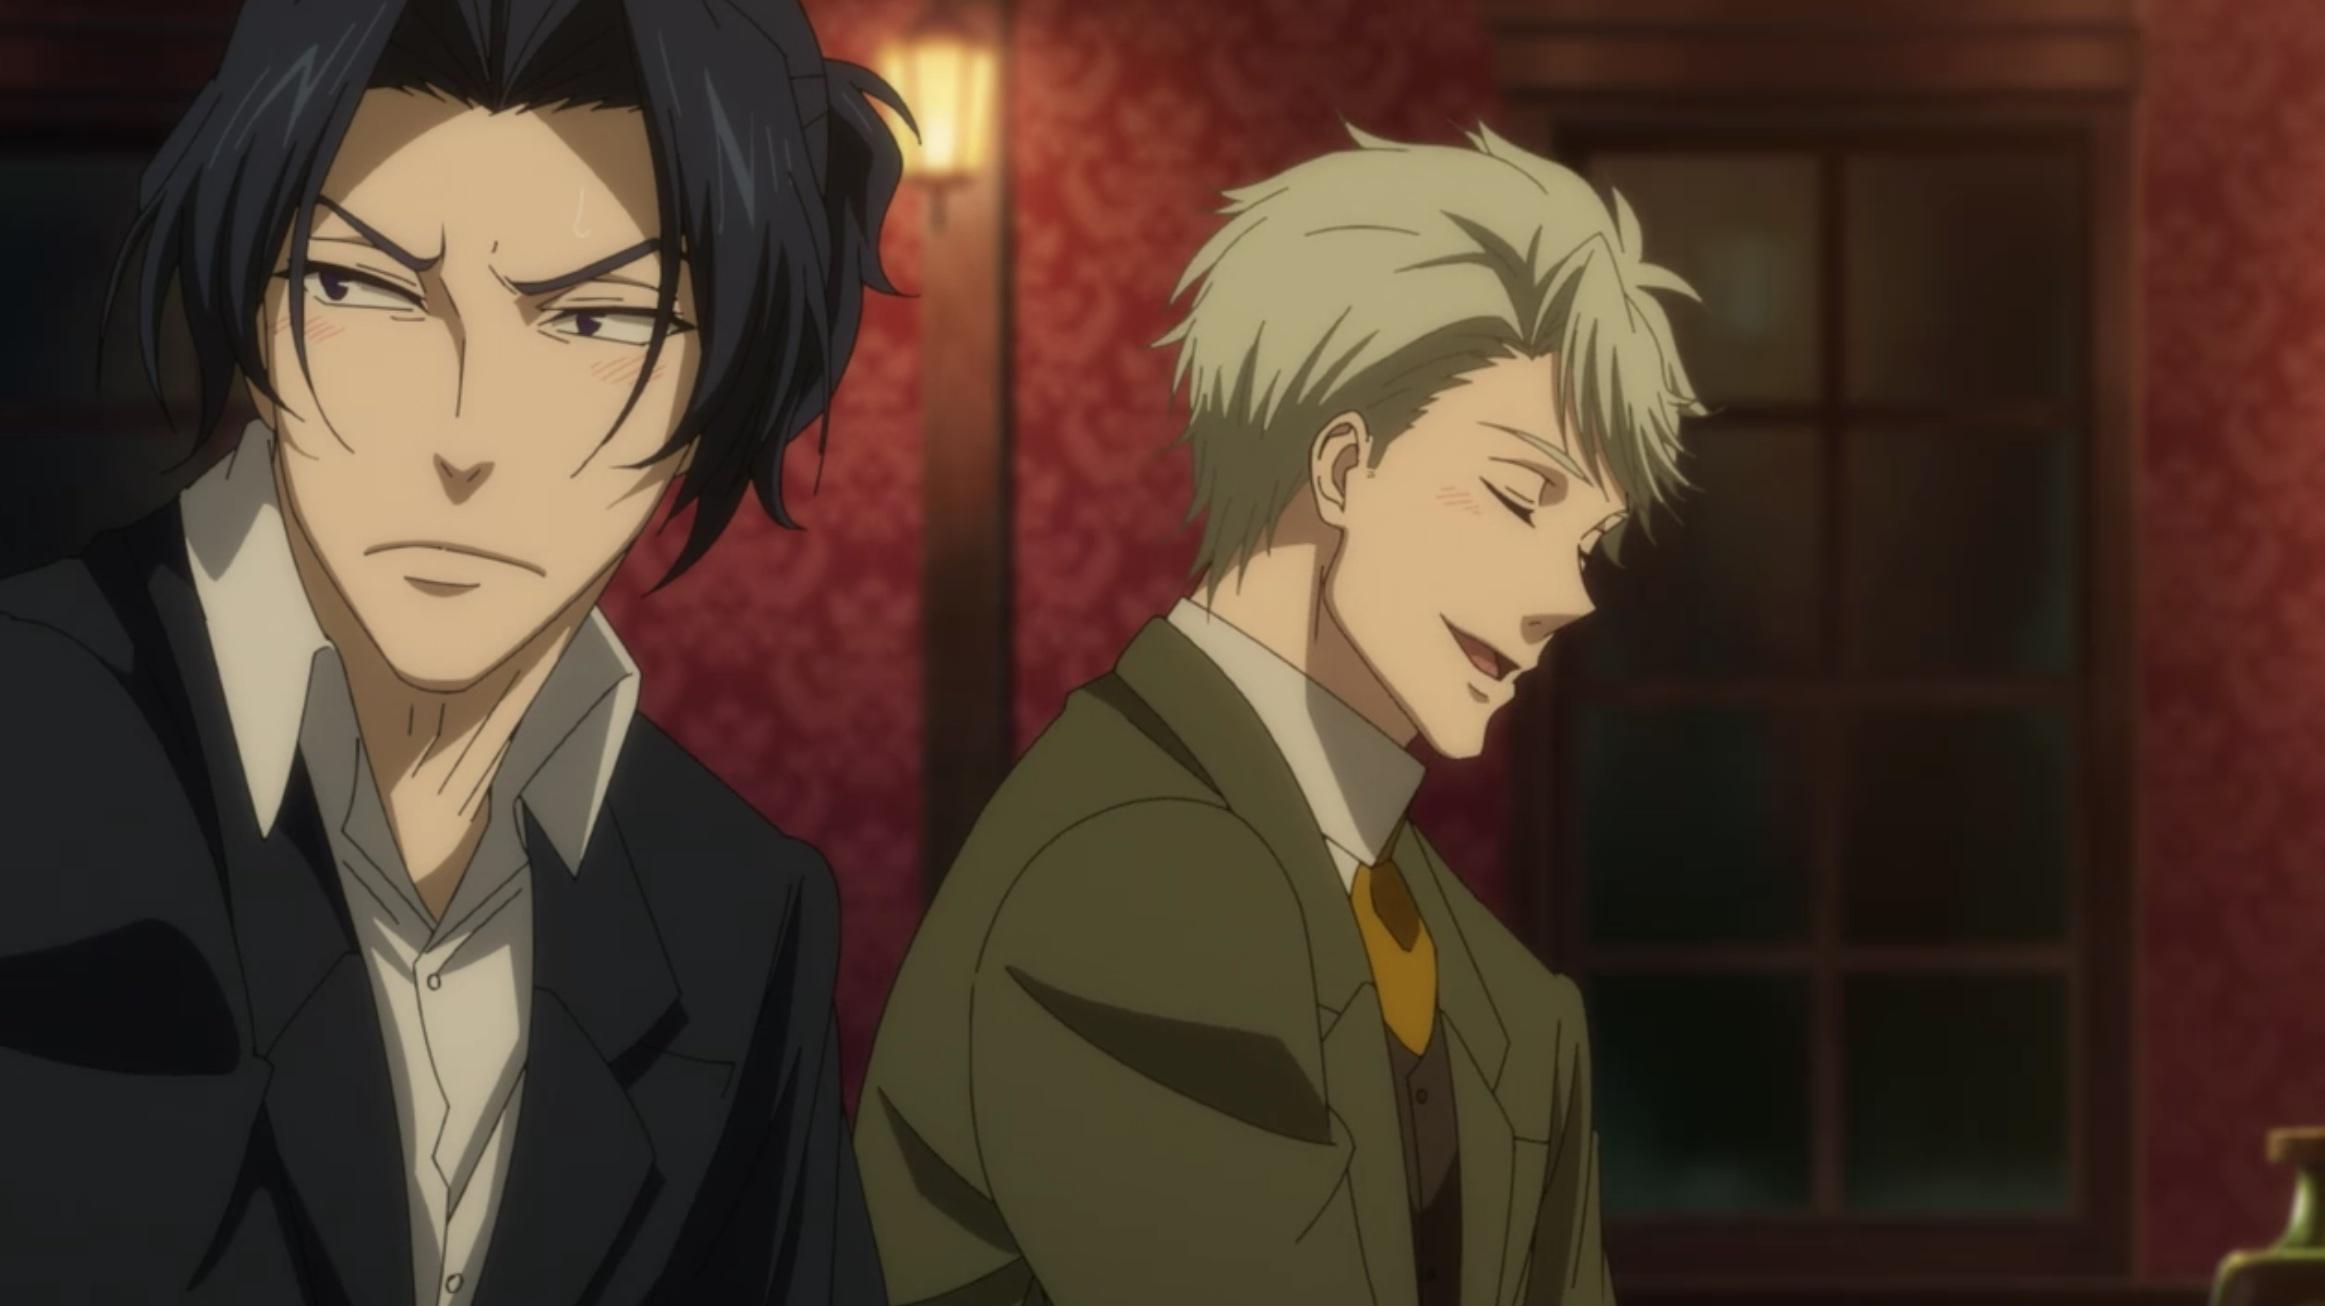 TVアニメ「憂国のモリアーティ」11話感想 列車で起きた殺人事件にシャーロック&ウィリアムが挑む!天才2人の共闘に注目